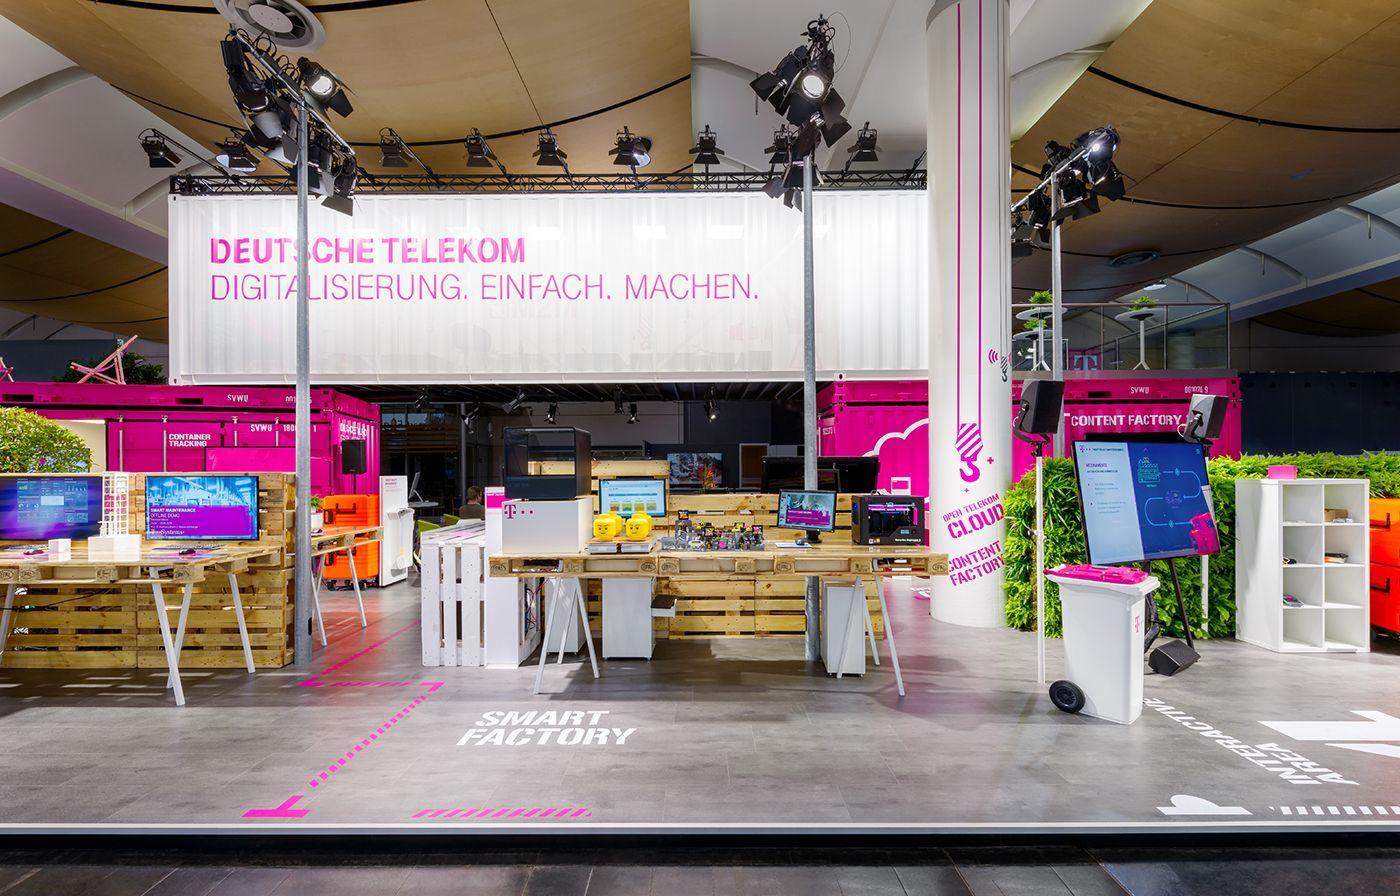 Deutsche Telekom Hannover Messe 2016 on Behance